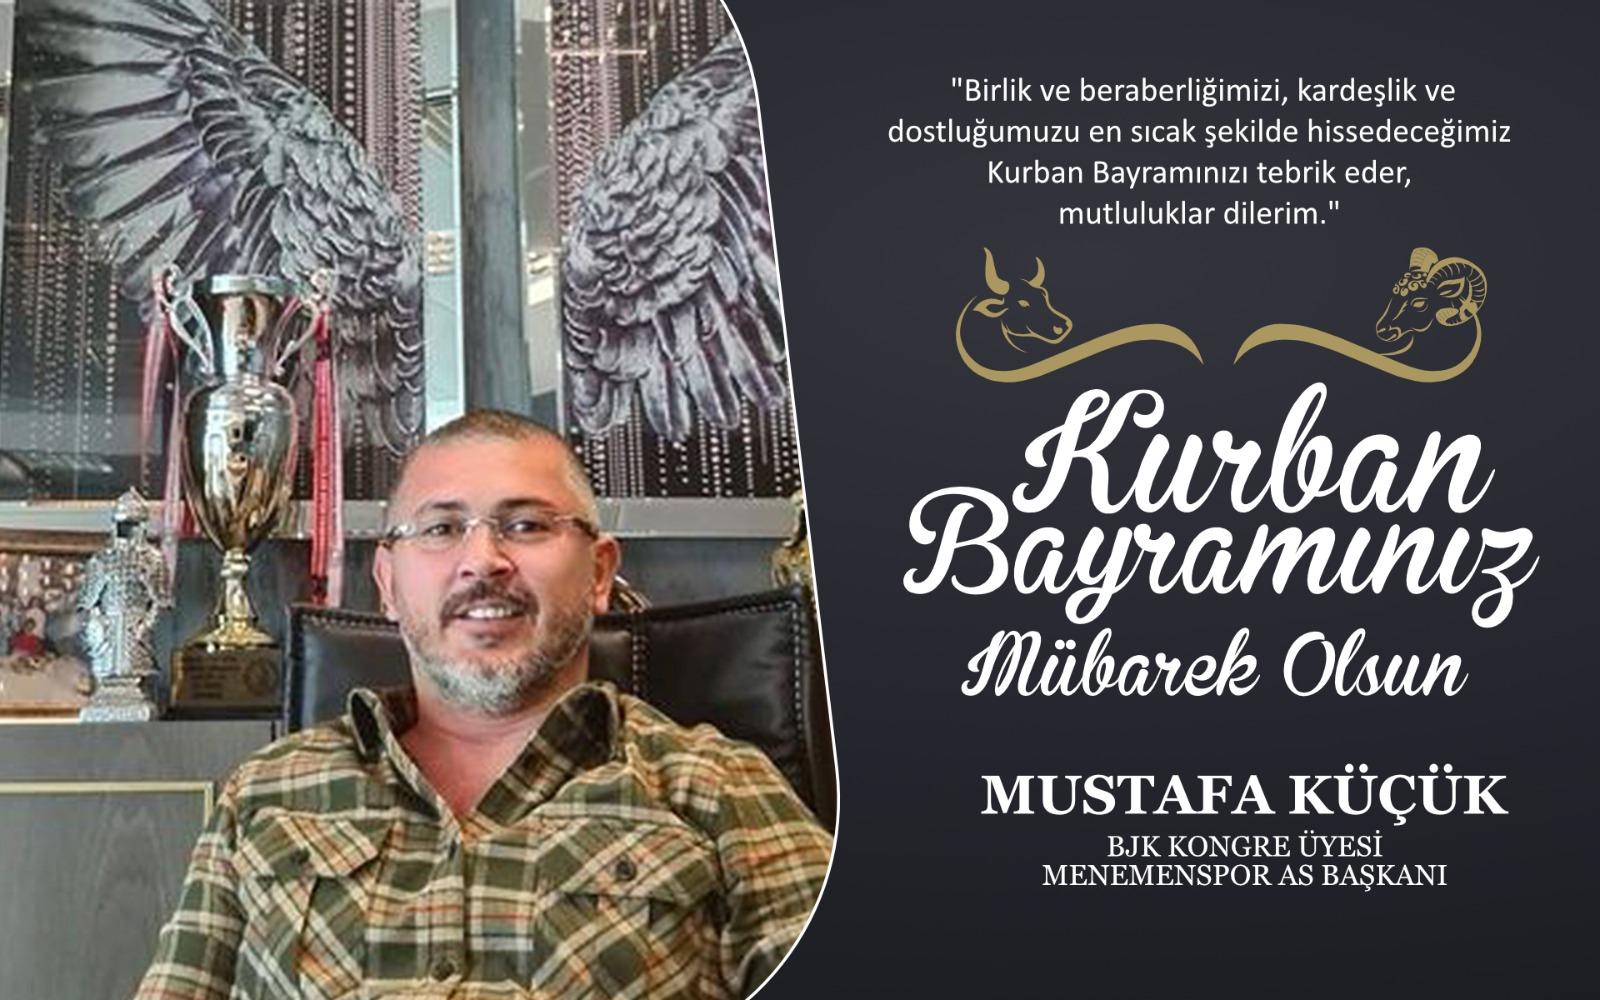 Mustafa Küçük'ten Kurban Bayramı Kutlama Mesajı